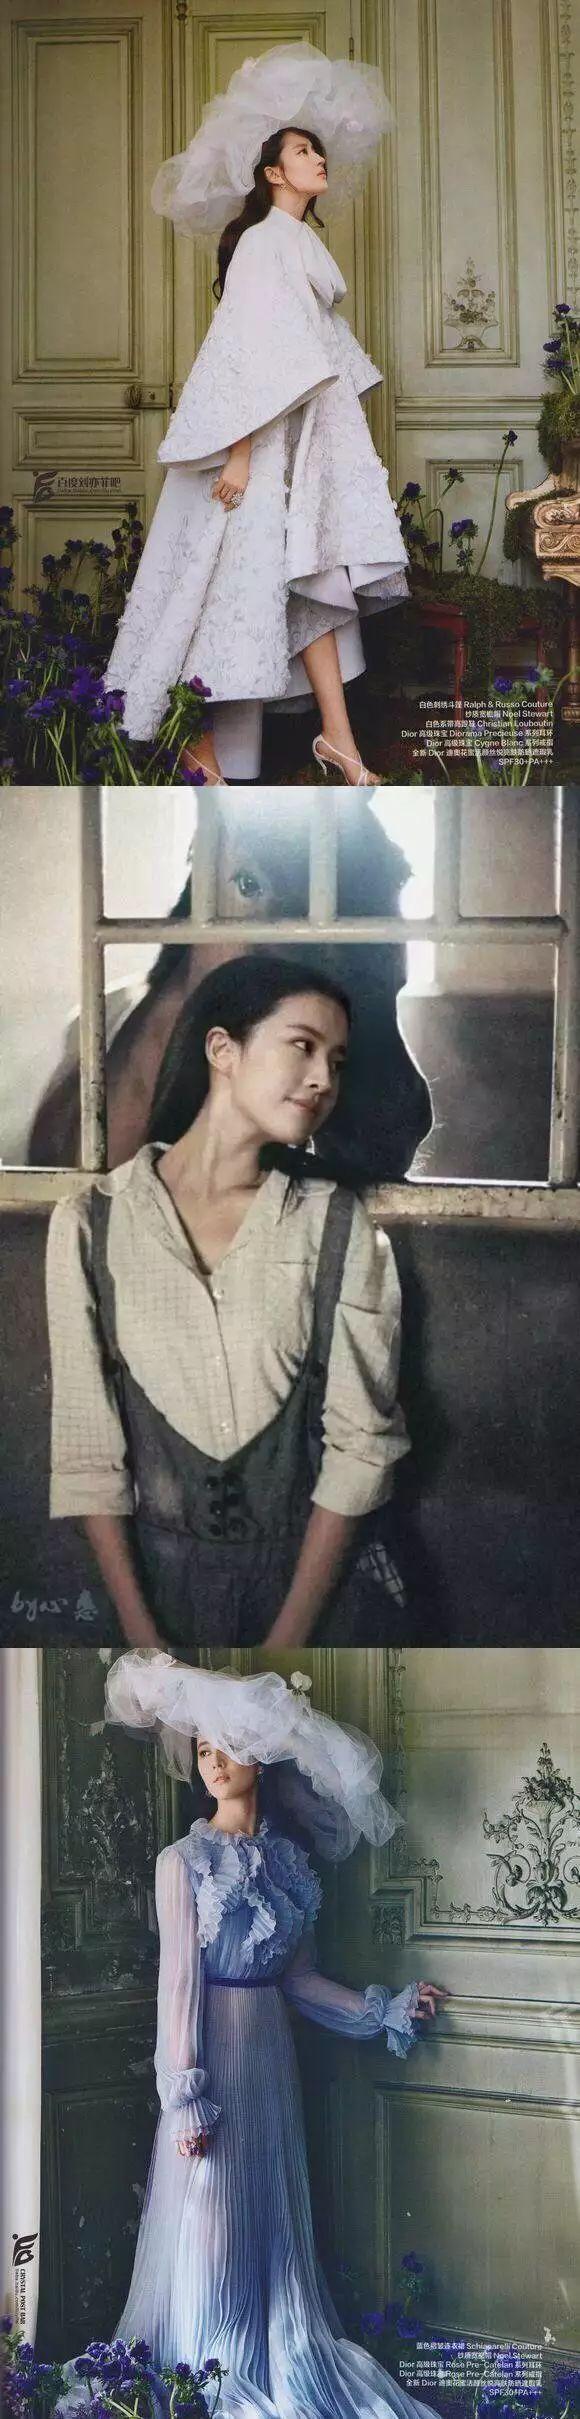 有一种美叫刘亦菲-第4张图片